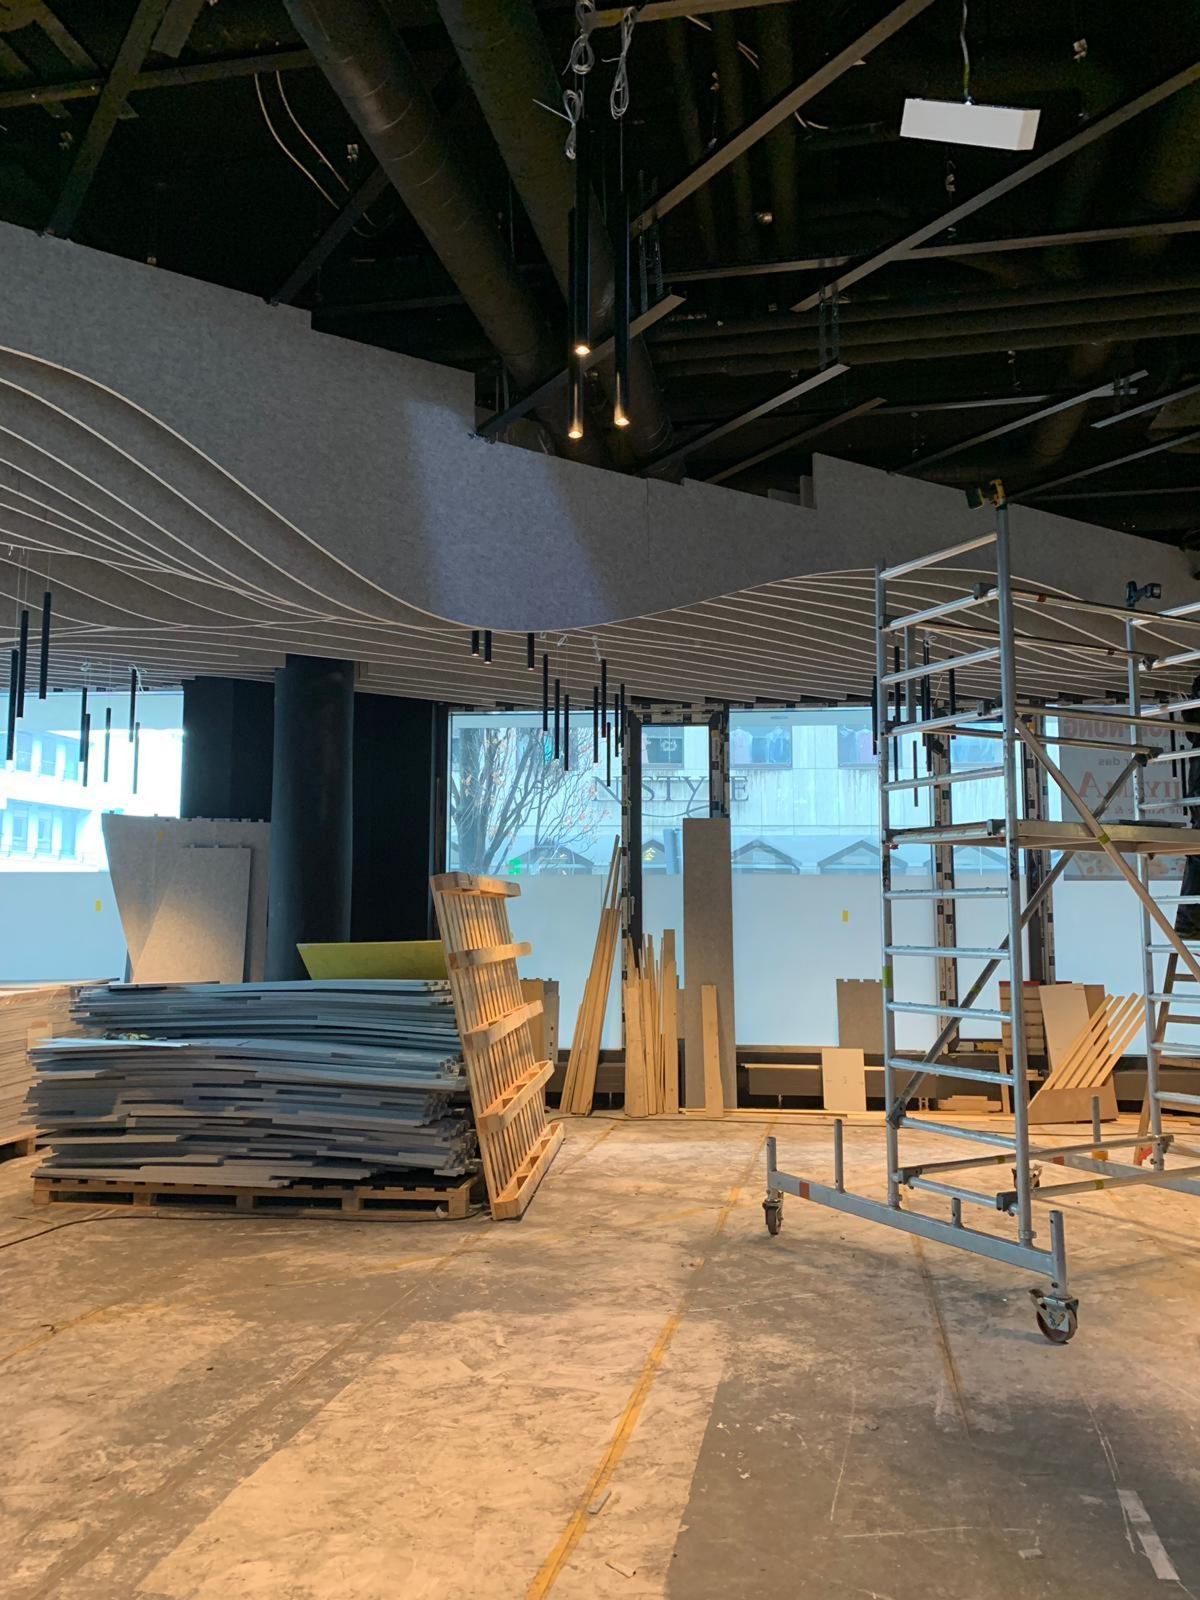 Einblicke in den Gastraum der Sushi-Bar im Adina Apartmenthotel in Nürnberg während Baustellenbetrieb.